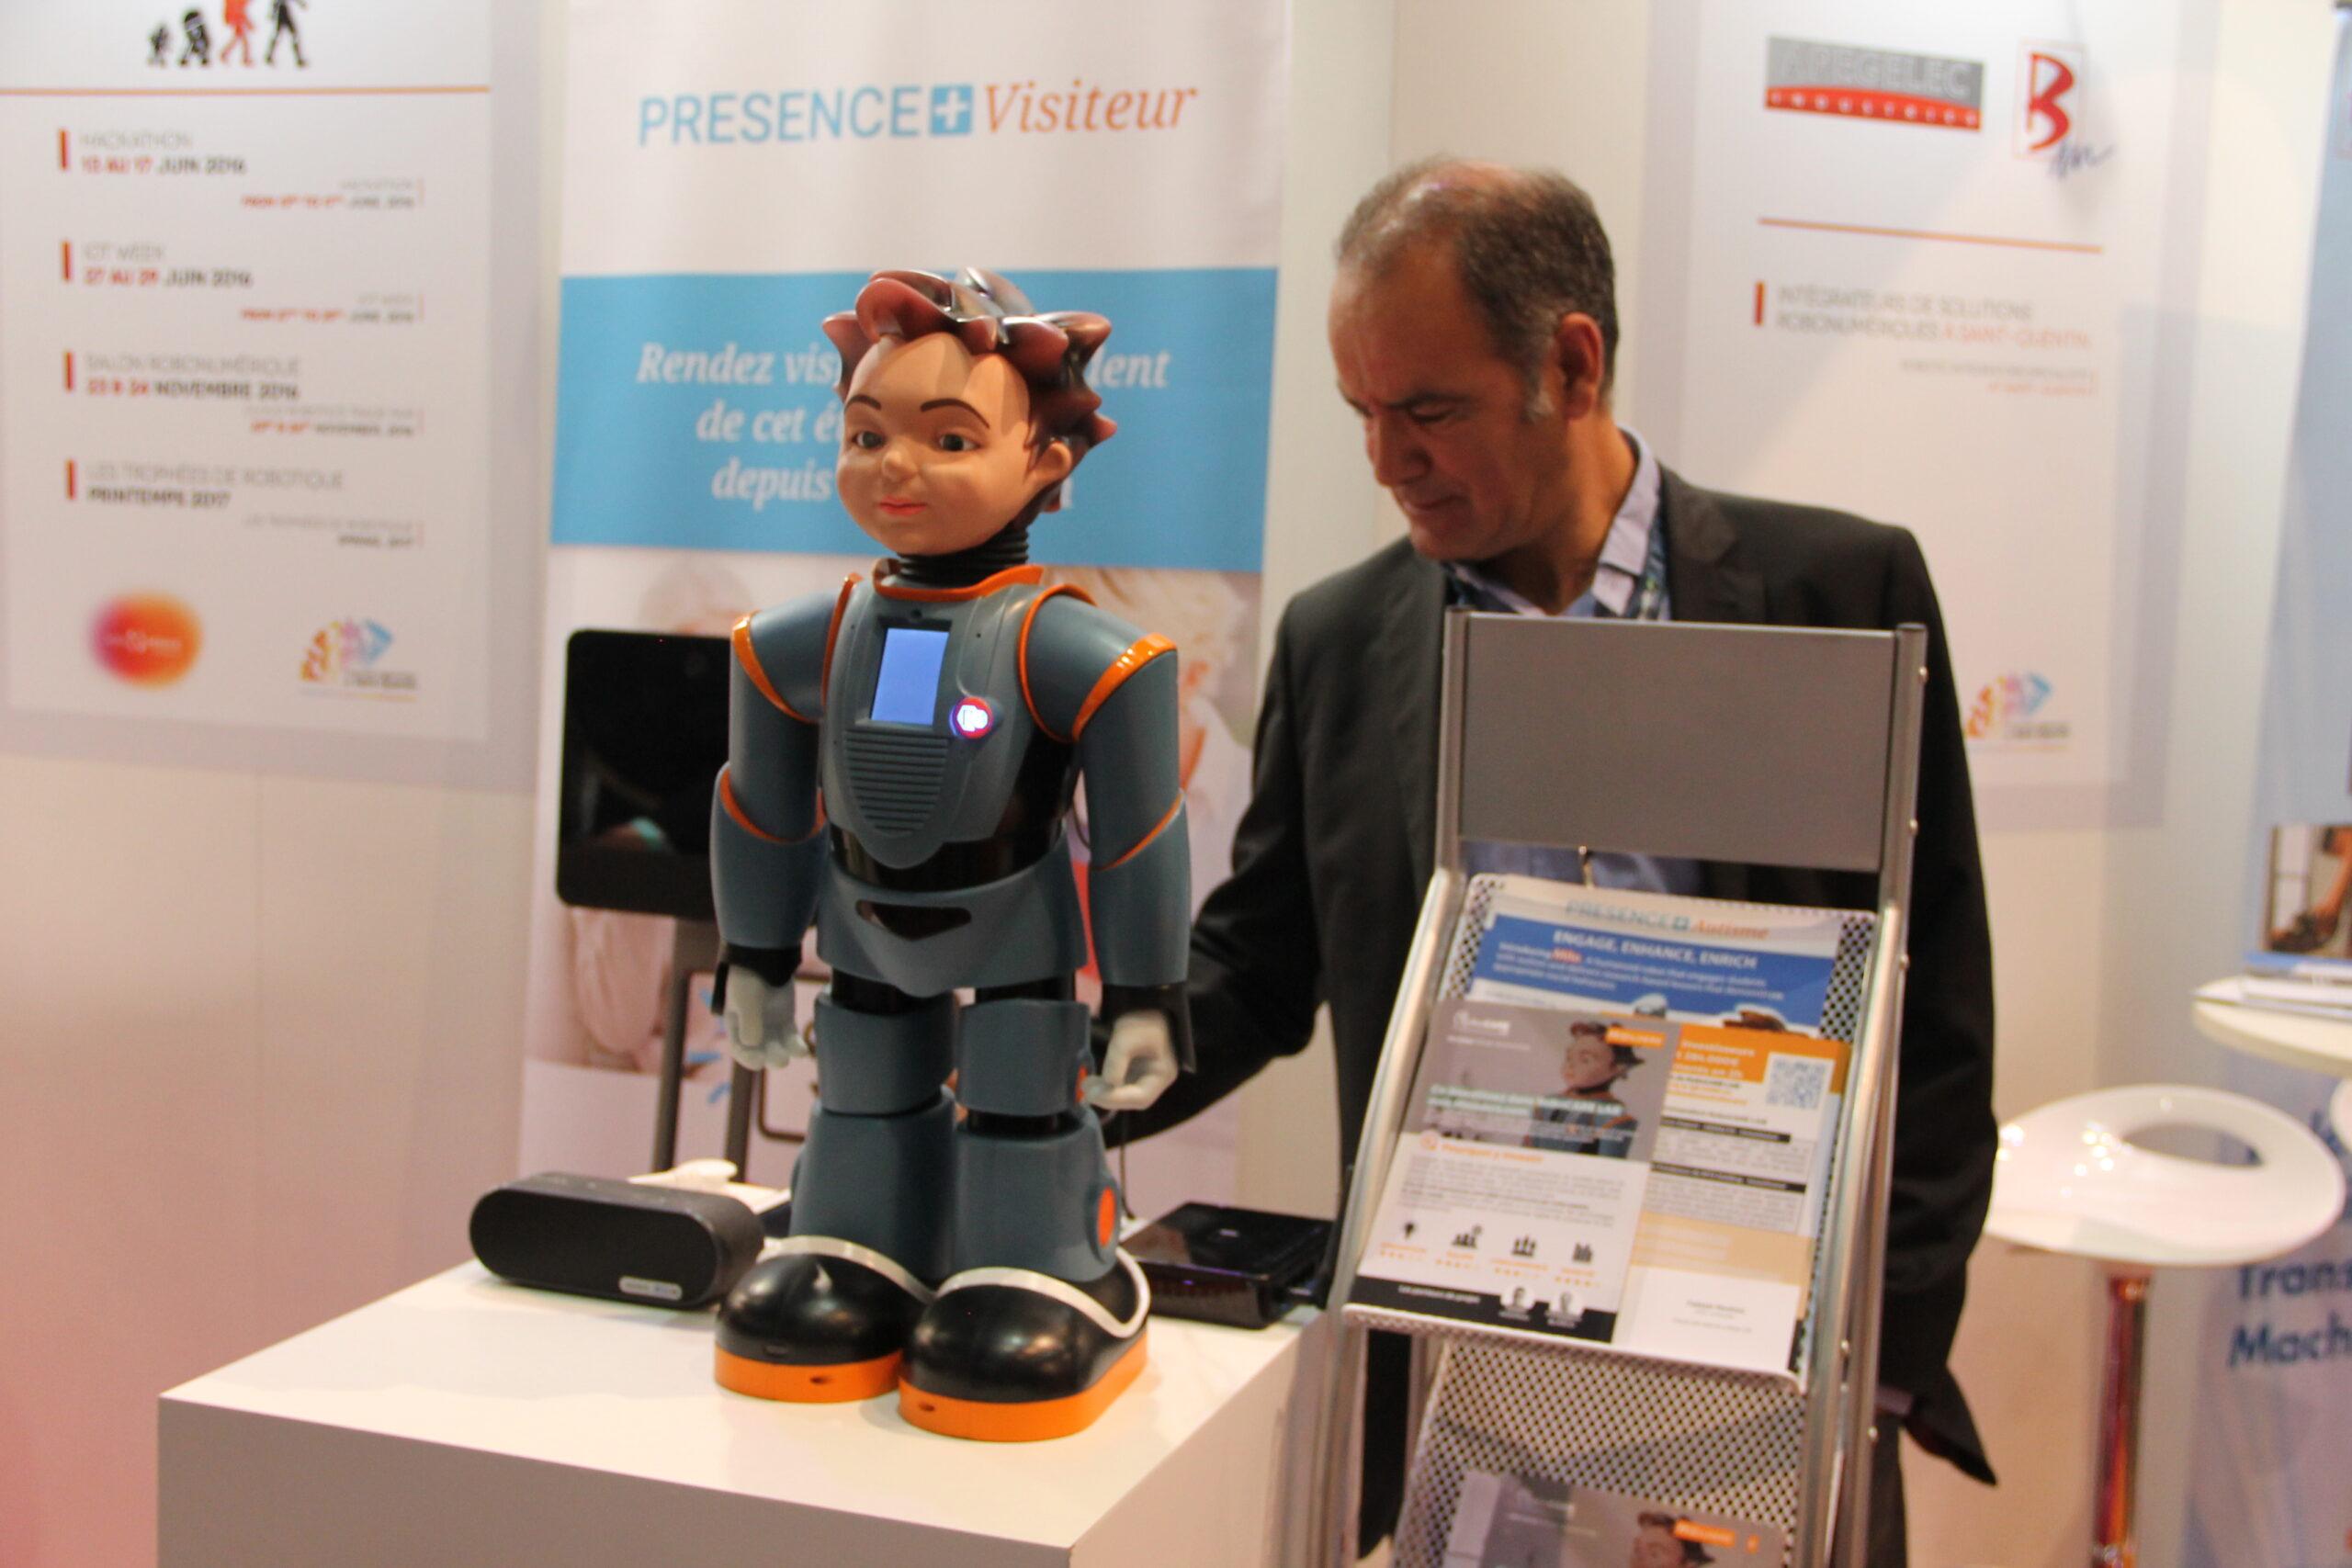 [Innorobo] Milo et Sam, les robots de RoboCare Lab